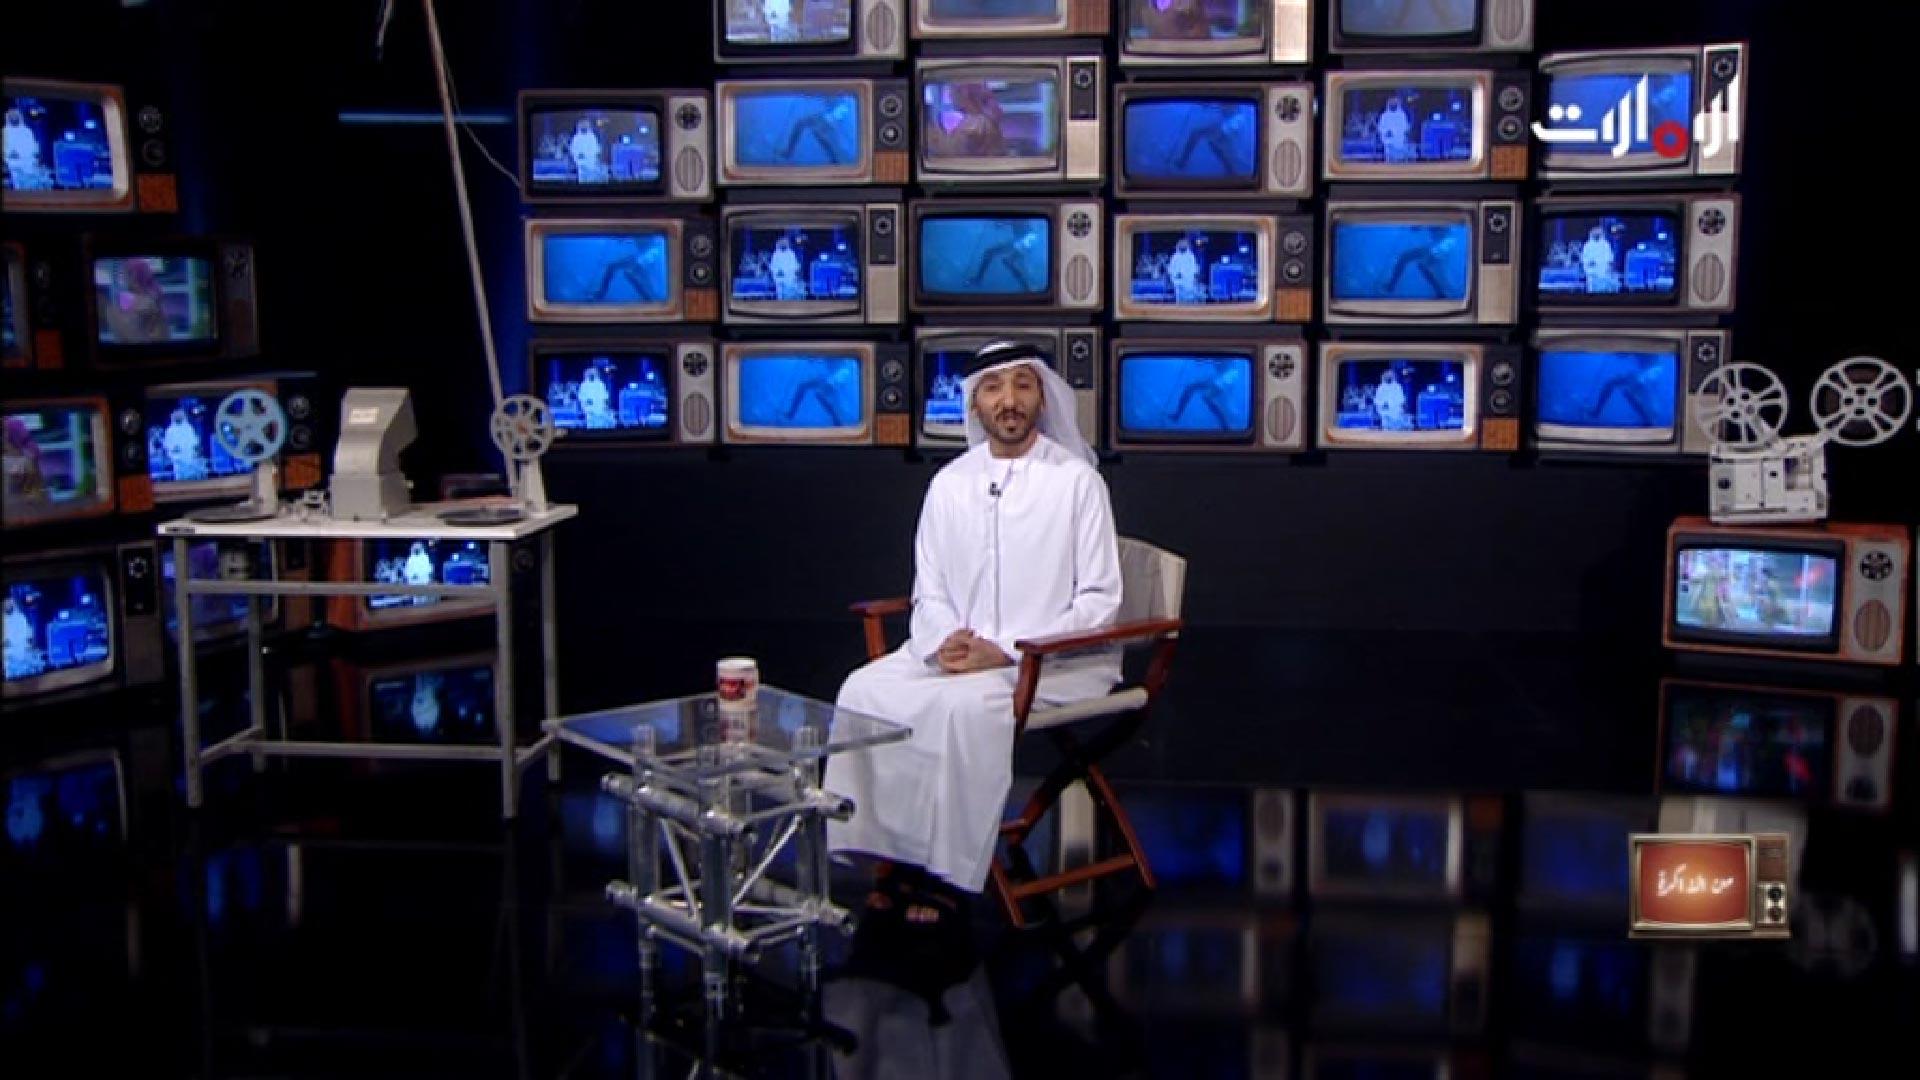 Frekuensi siaran Al Emarat TV di satelit AsiaSat 5 Terbaru